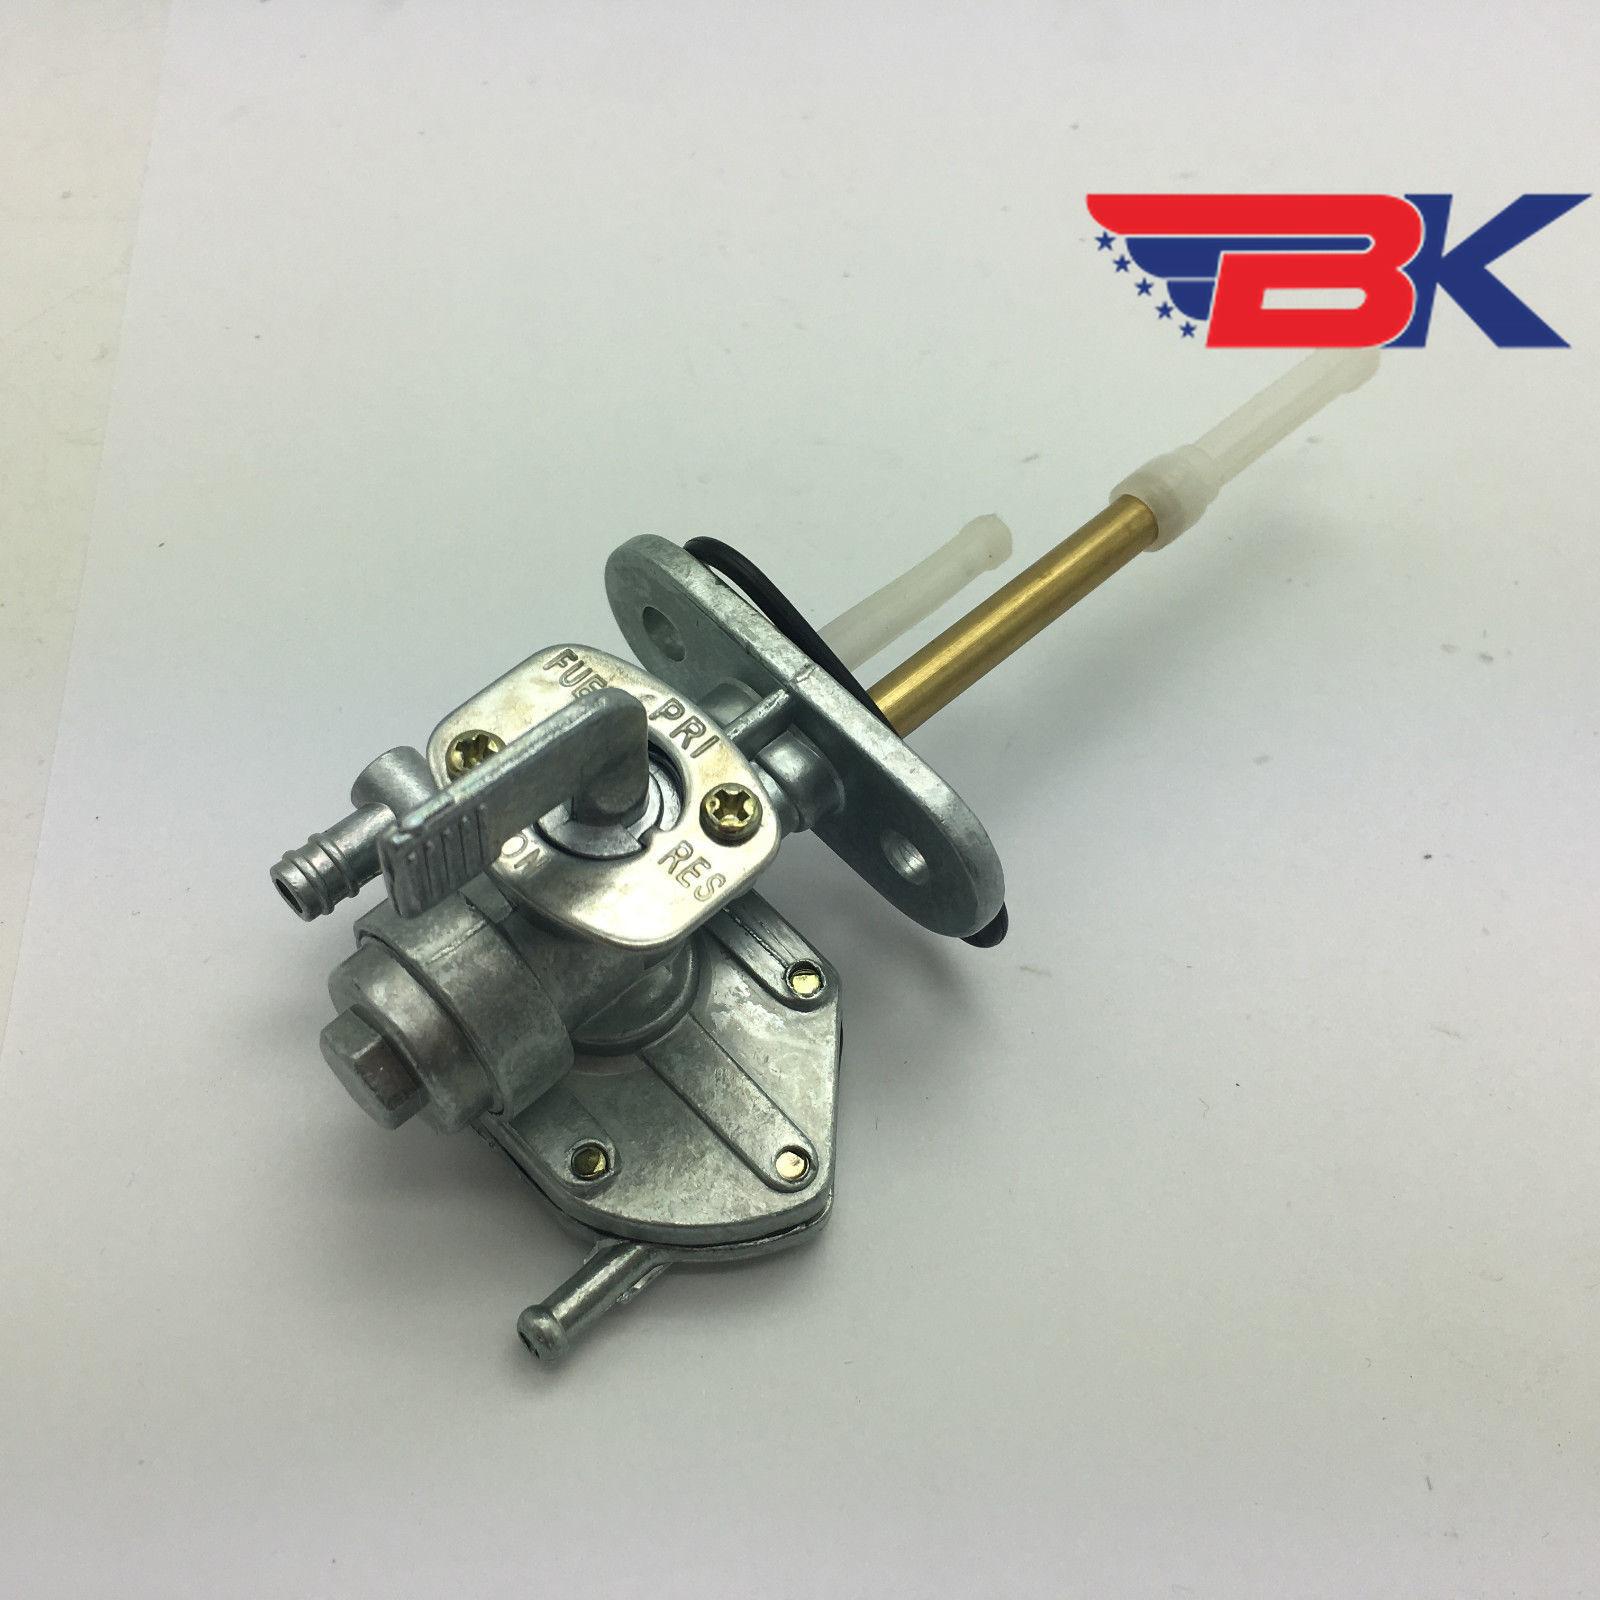 Fuel Gas Petcock For Suzuki Quadsport 80 LT80 Quadrunner 50 LT50 Kawasaki  KFX80 ATV Dirt Bike